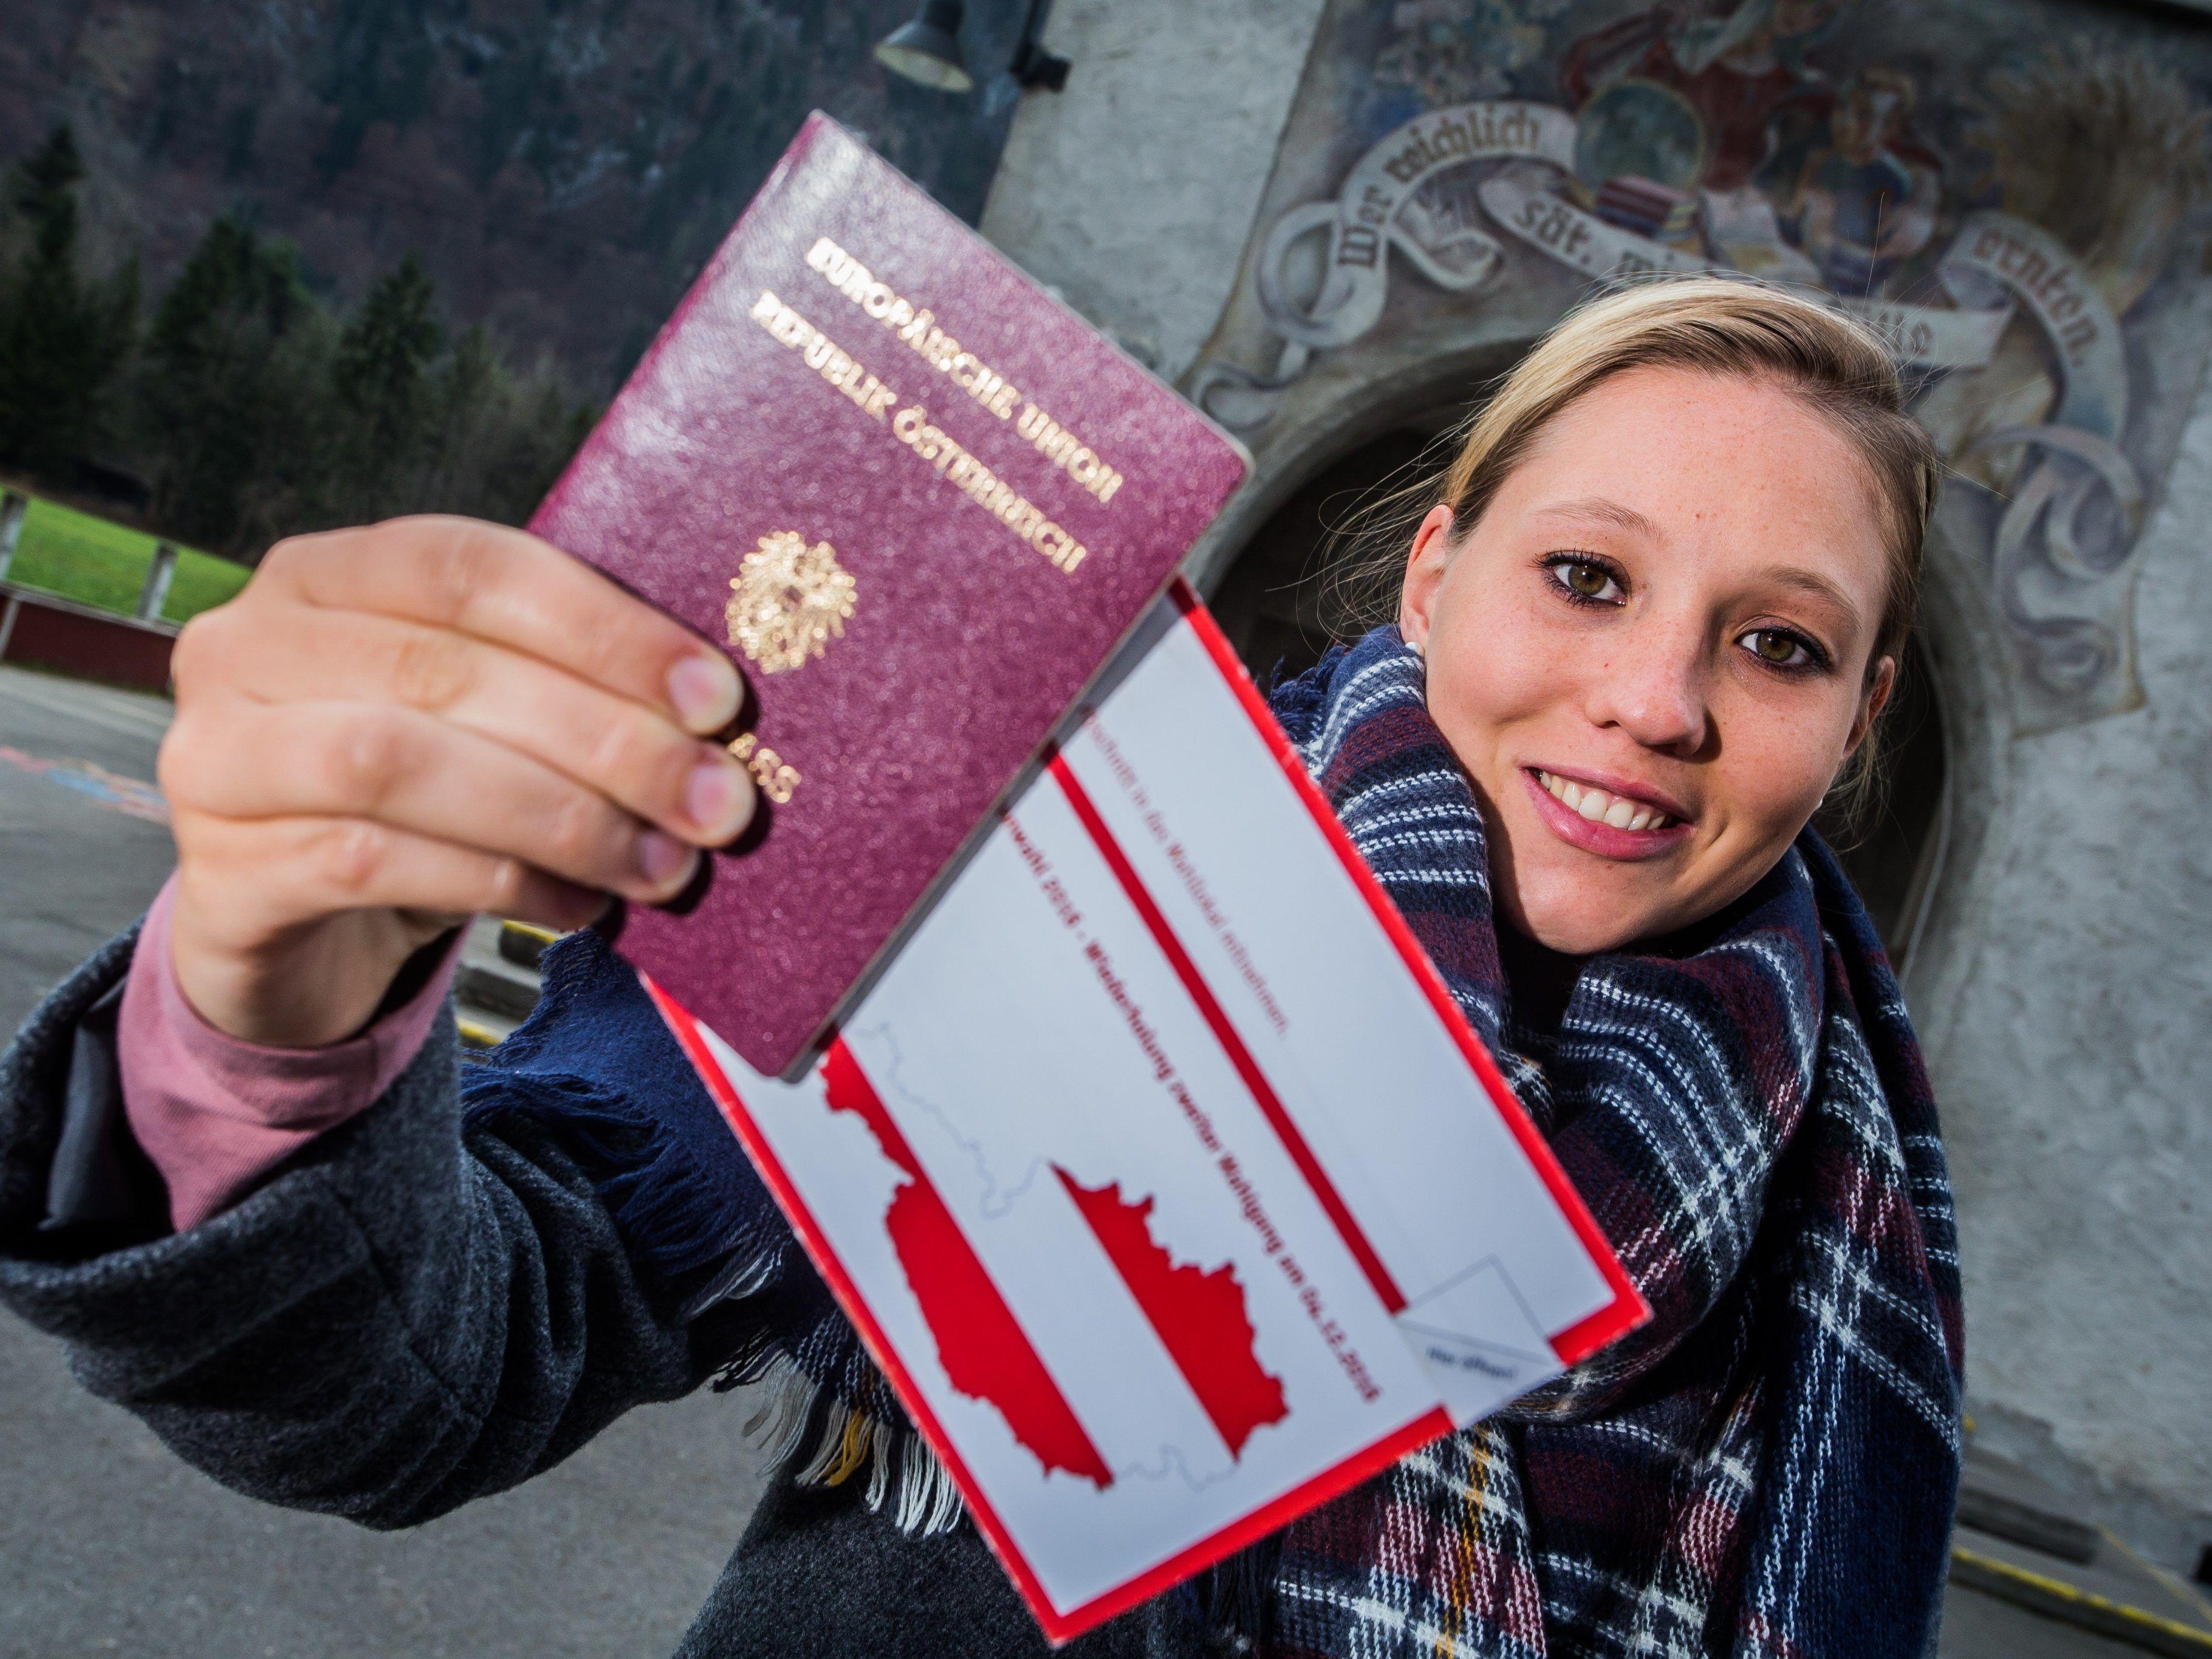 Der Bezirk Feldkirch hat die hchste Kaufkraft in Vorarlberg